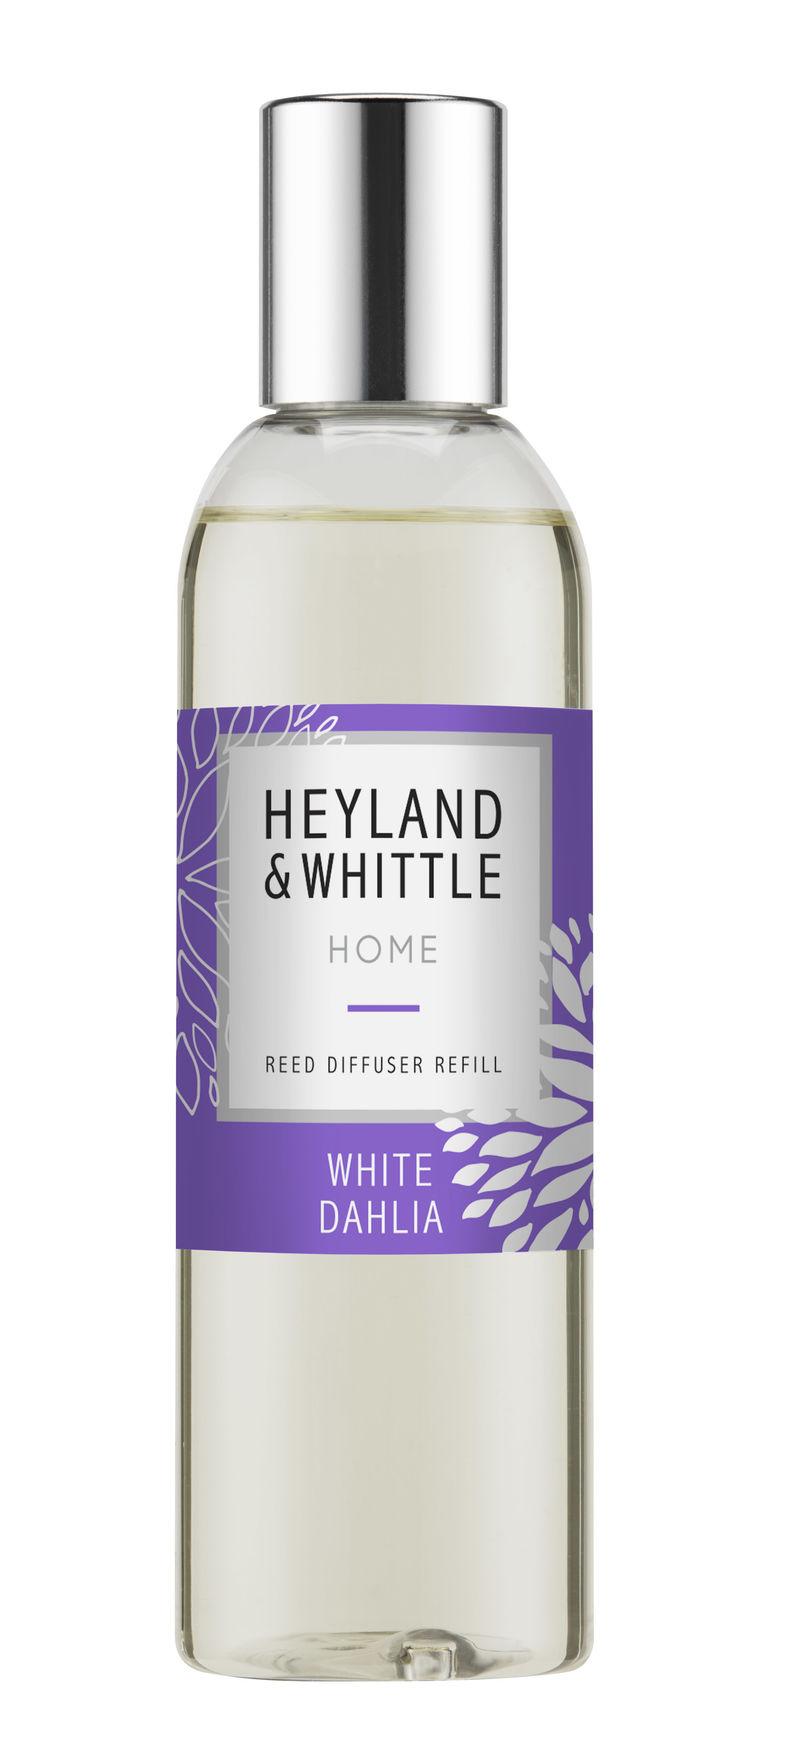 White Dahila Diffuser Refill